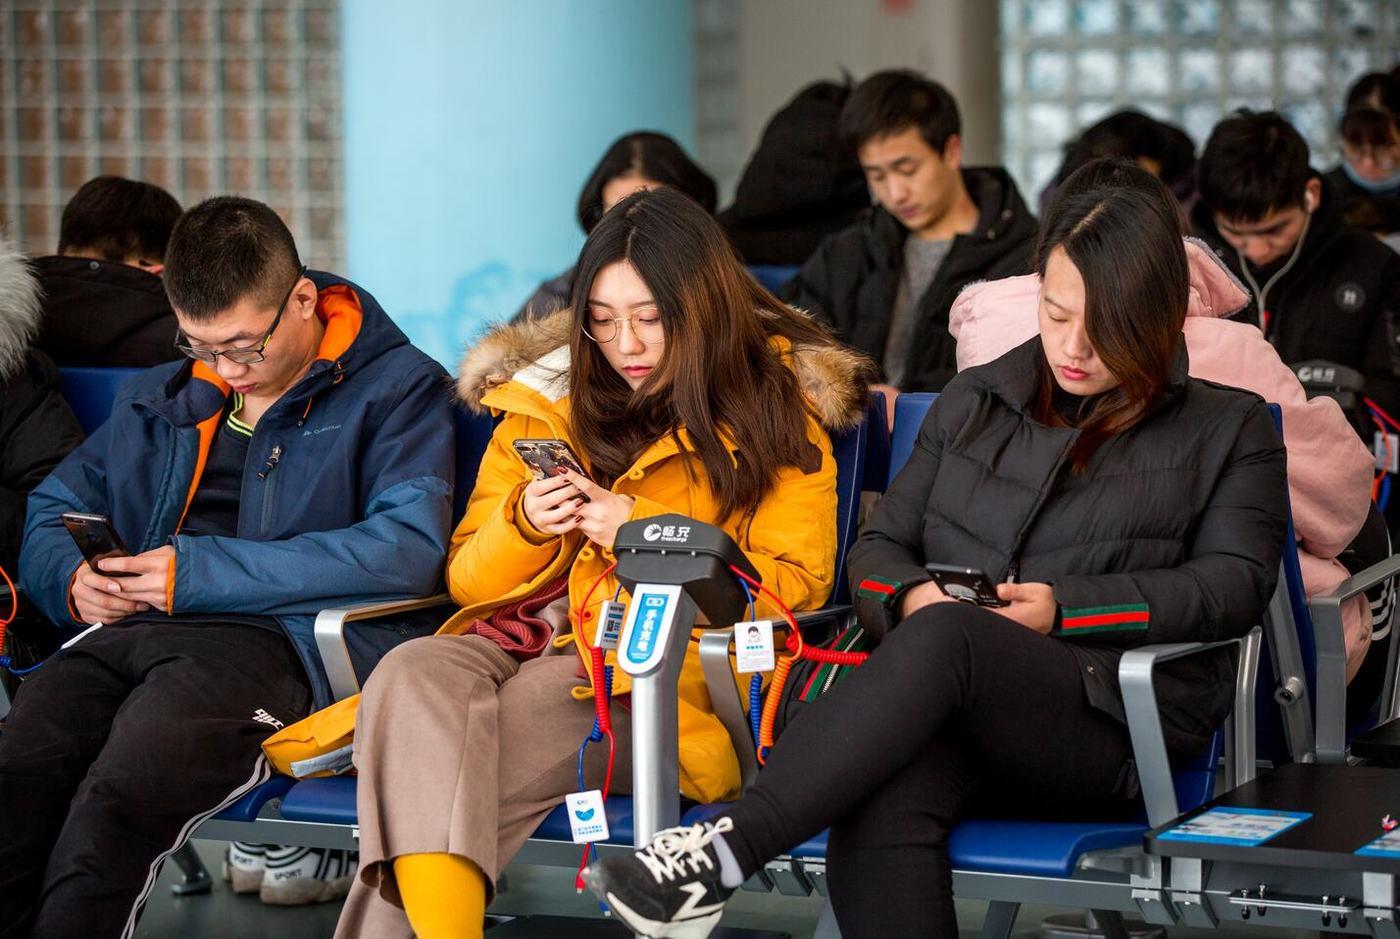 手机充电座椅,图片来源畅充科技